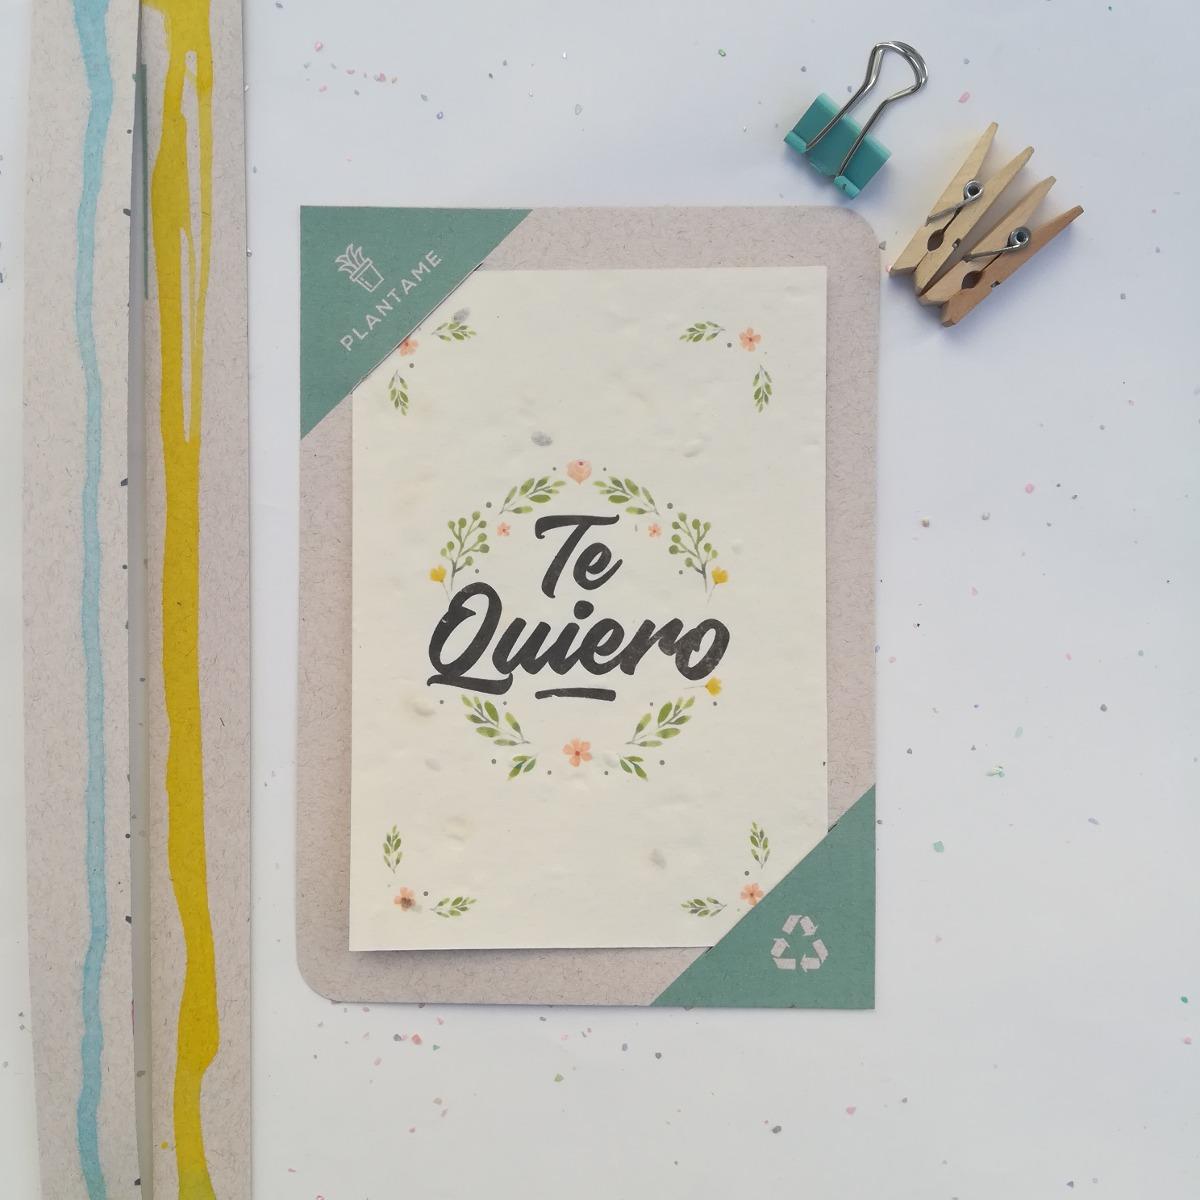 25 Postales Plantables  - papel reciclado con semillas